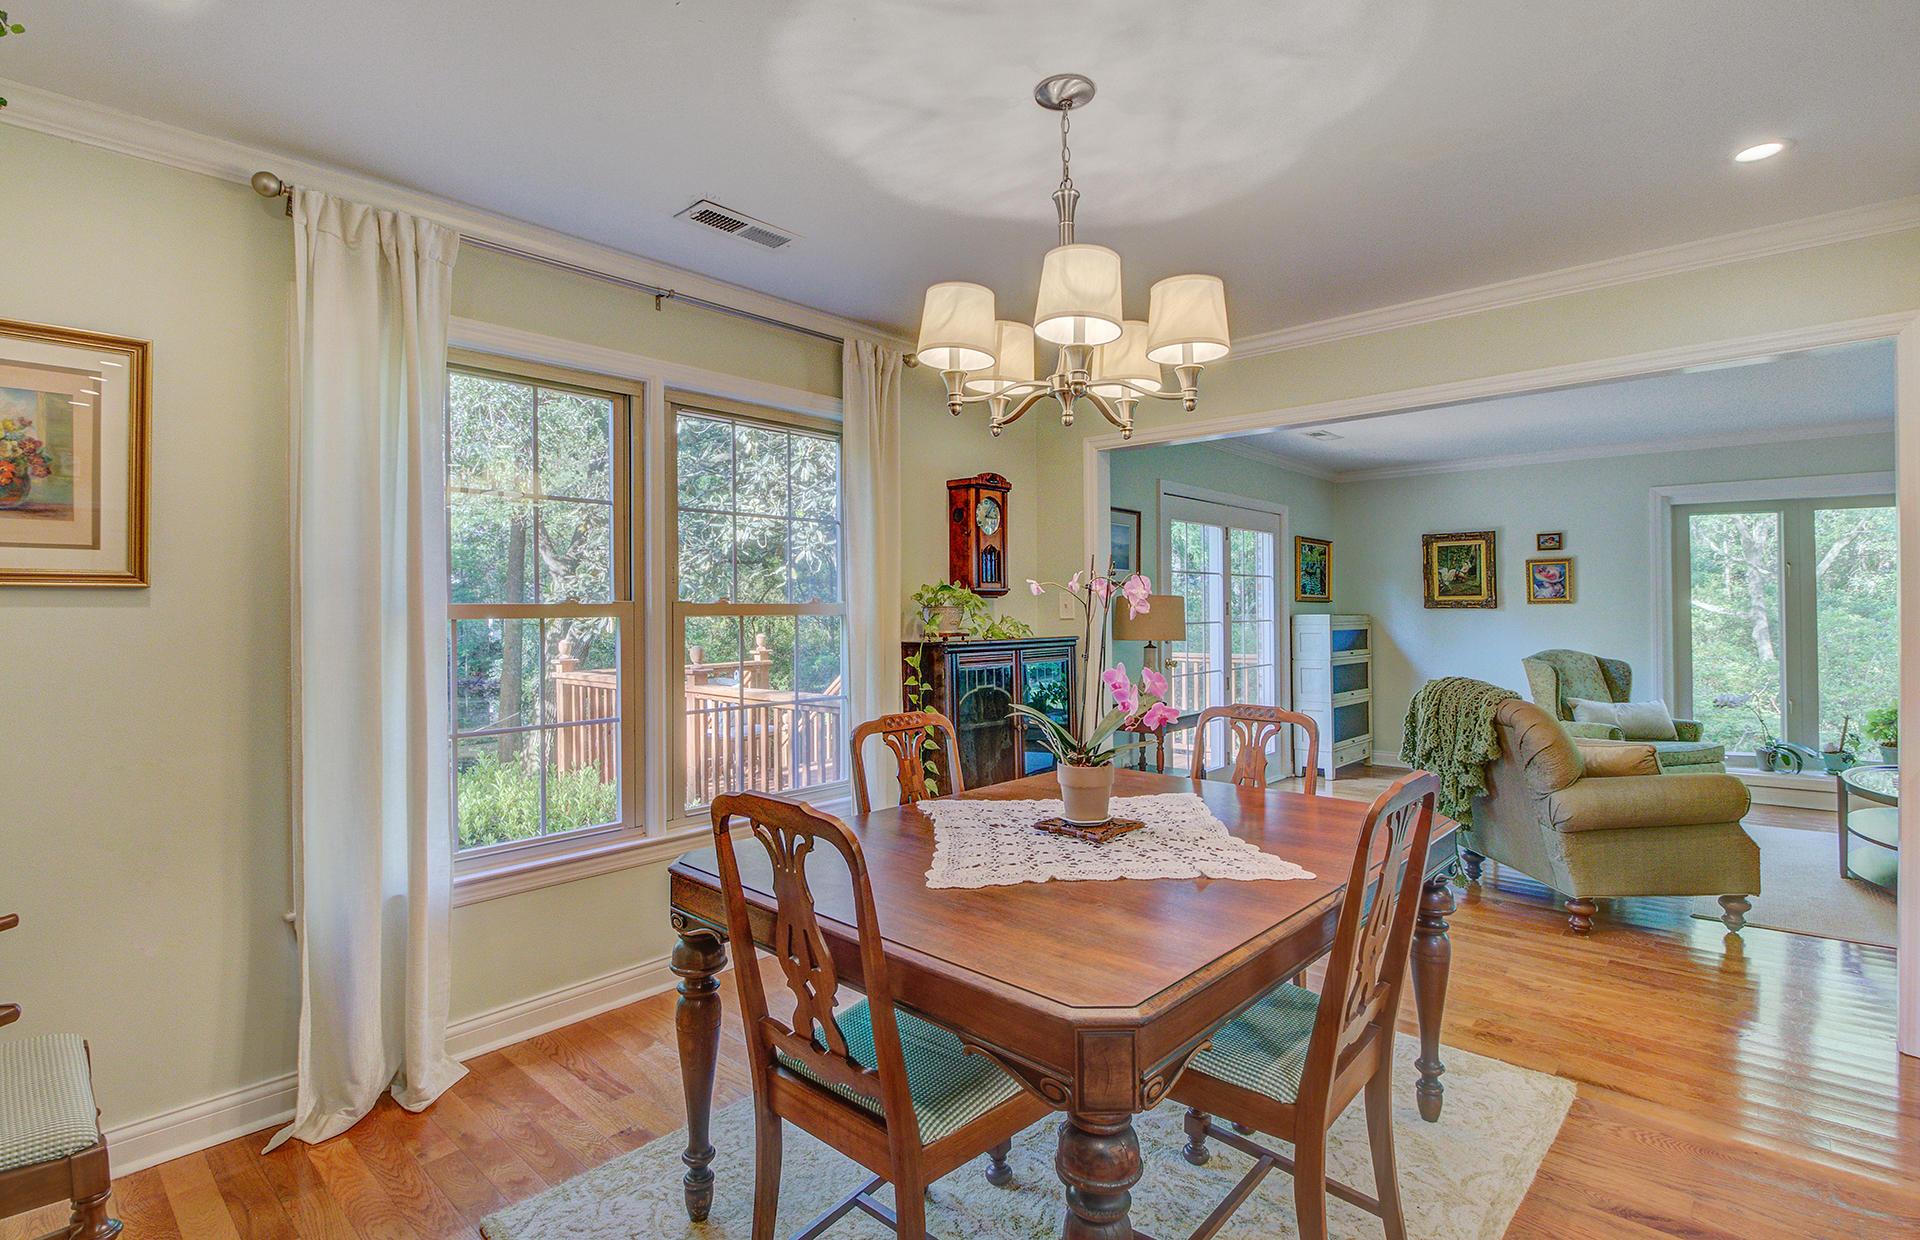 Pine Forest Inn Homes For Sale - 543 Simmons, Summerville, SC - 0